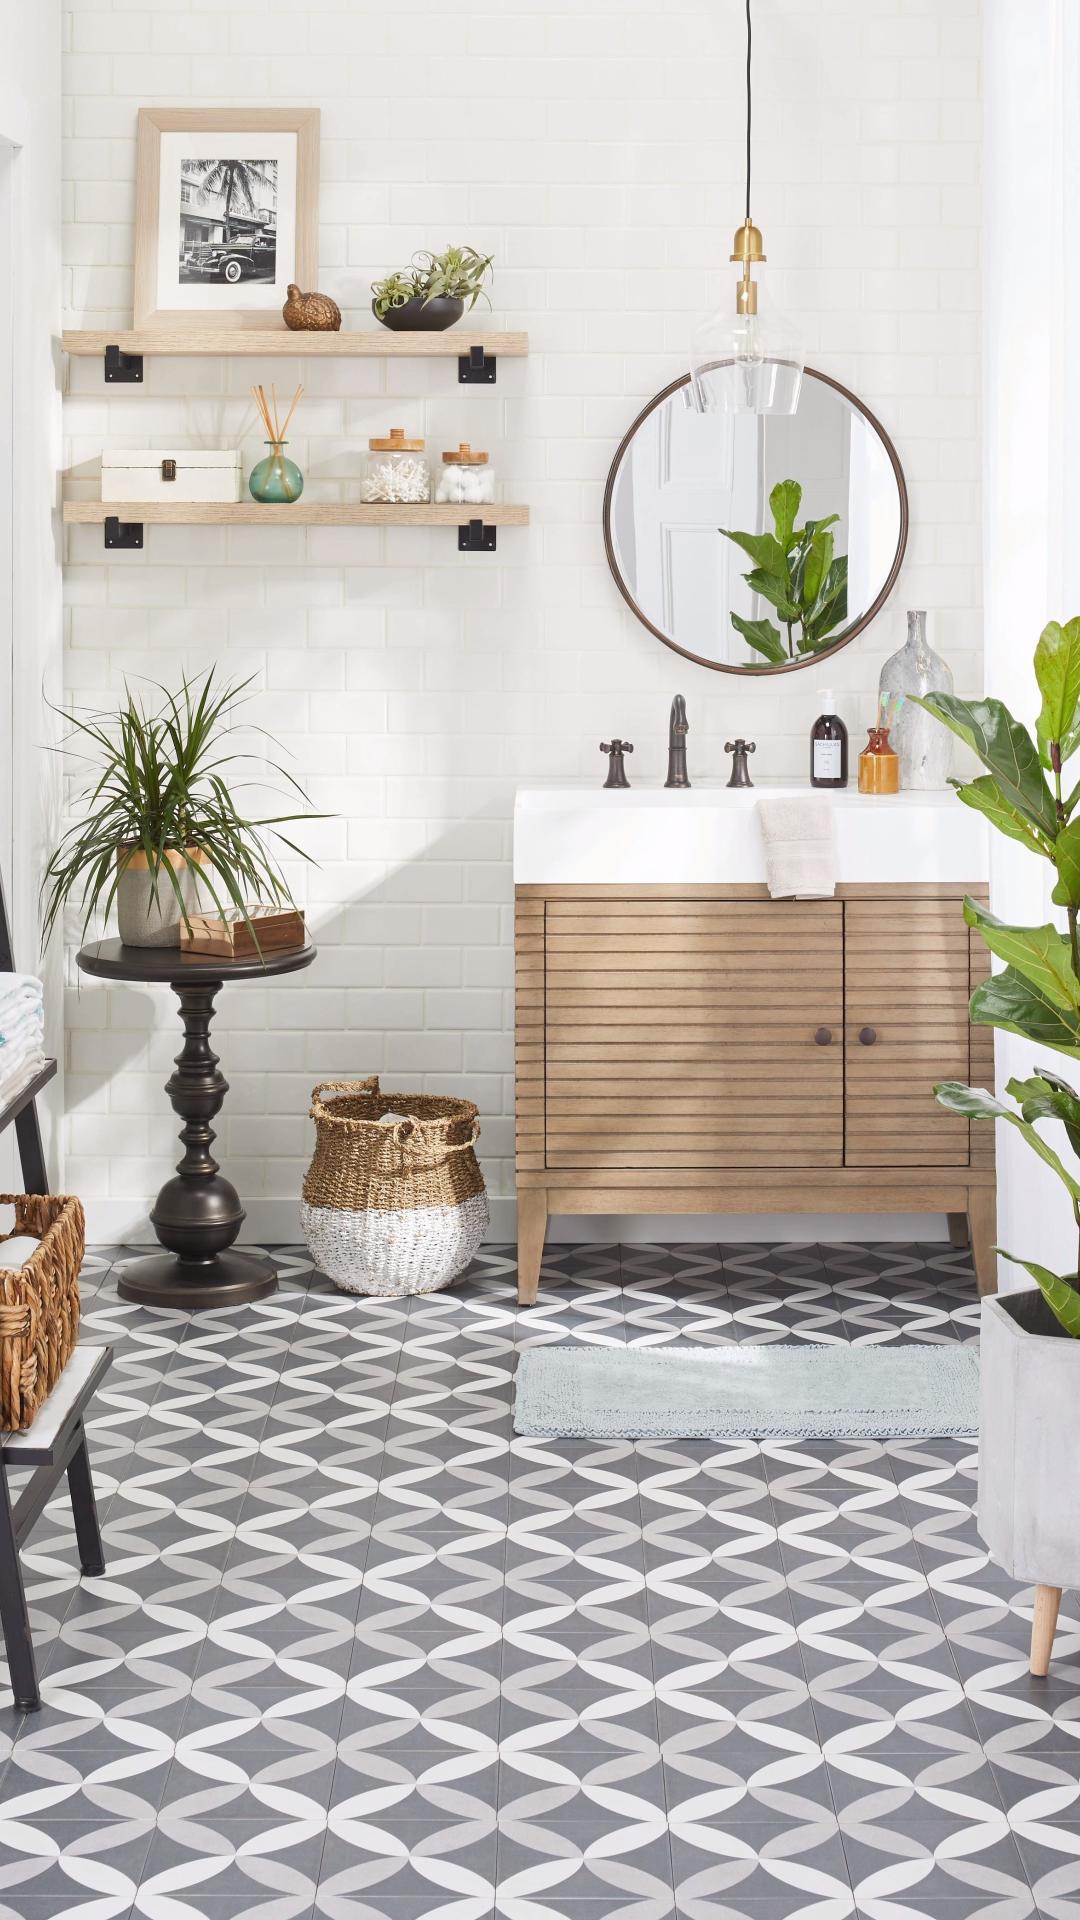 19 diy Bathroom ikea ideas